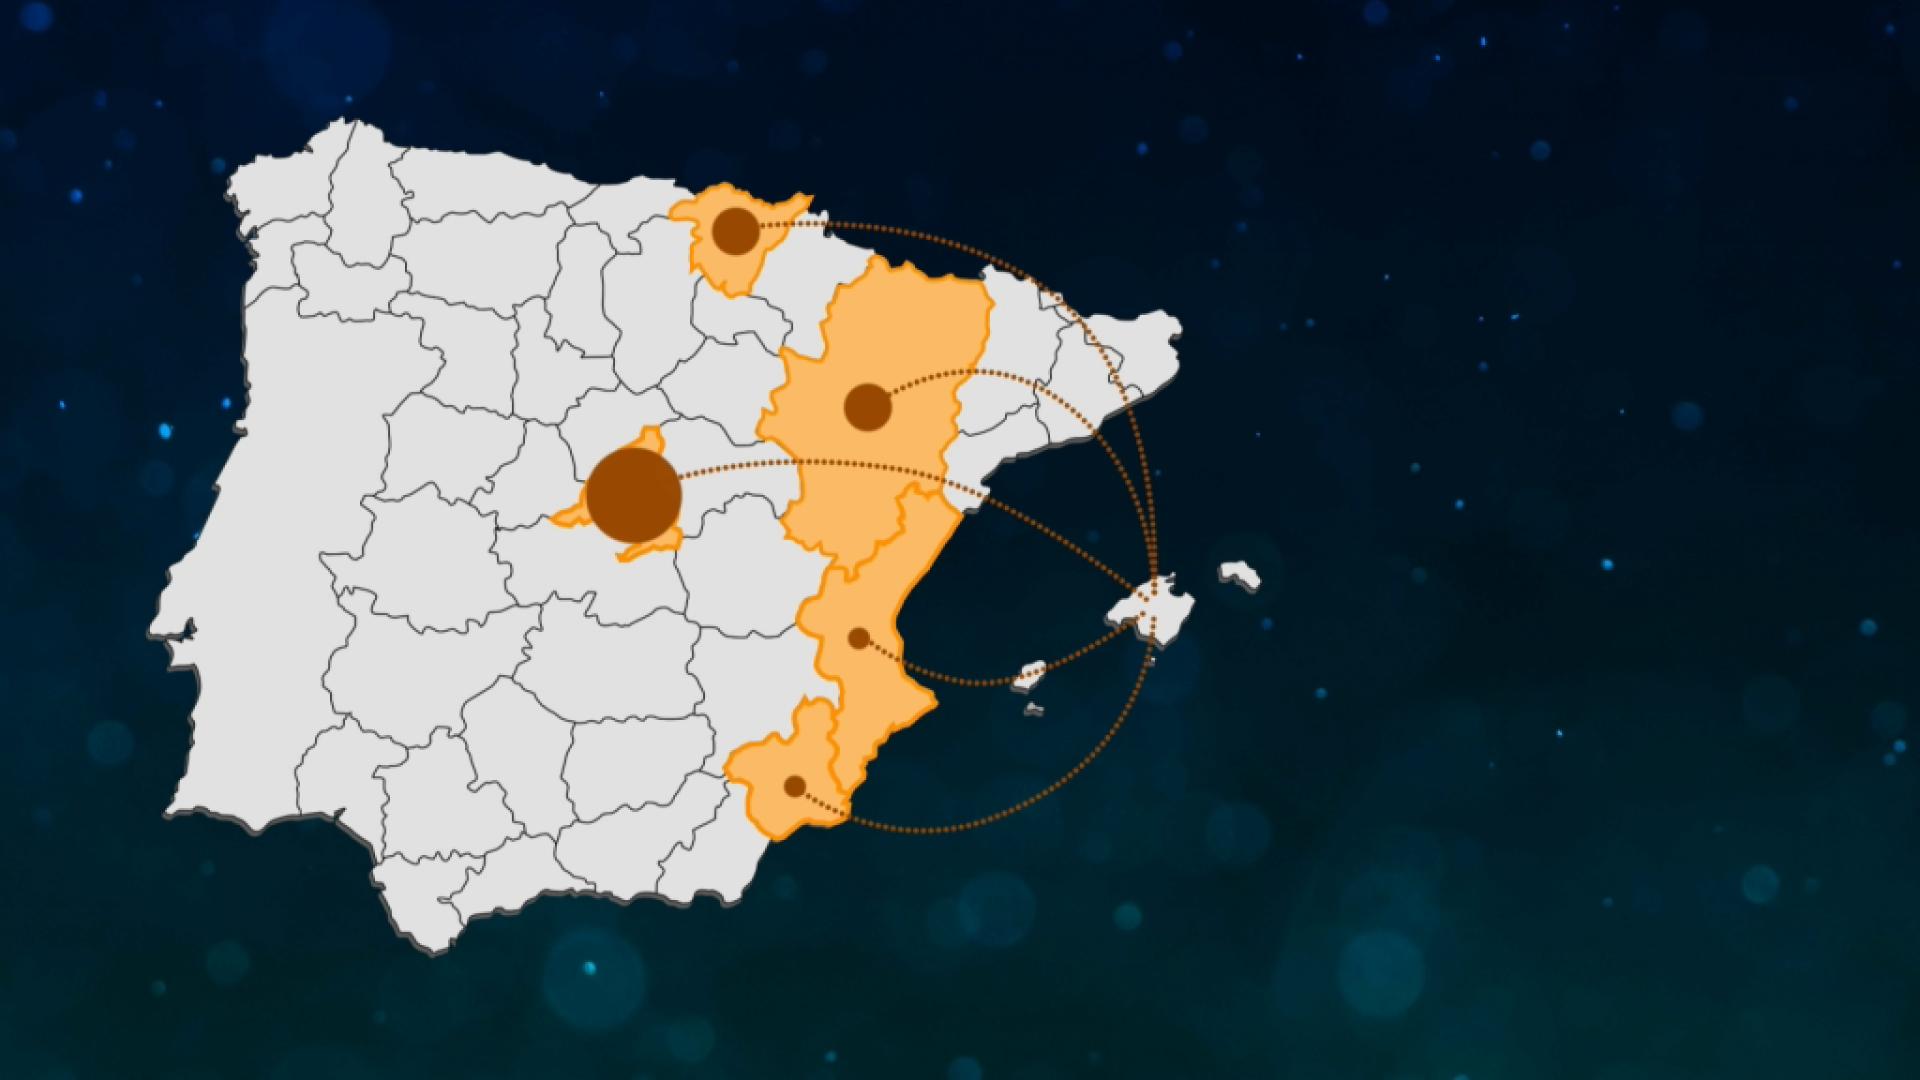 El+brot+supracomunitari%3A+m%C3%A9s+de+350+joves+de+cinc+comunitats+contagiats+durant+el+viatge+de+final+de+curs+a+Mallorca